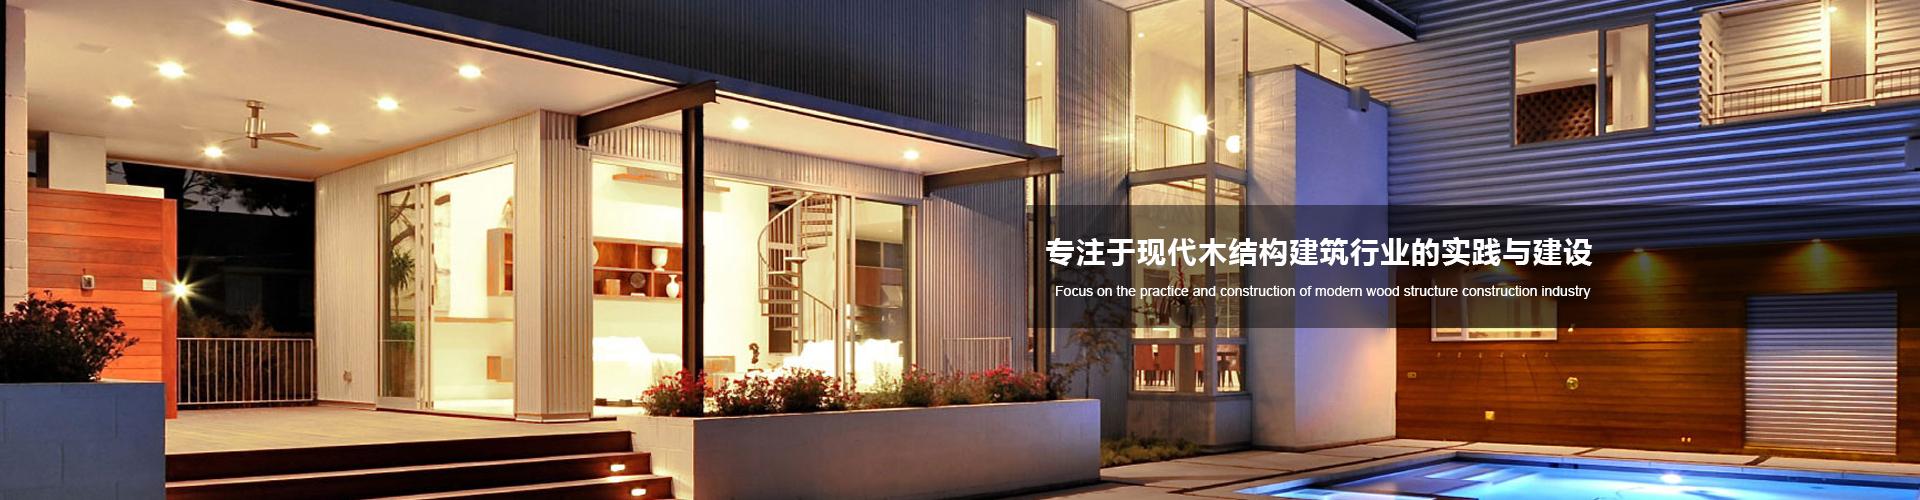 南通佳筑建筑科技有限公司